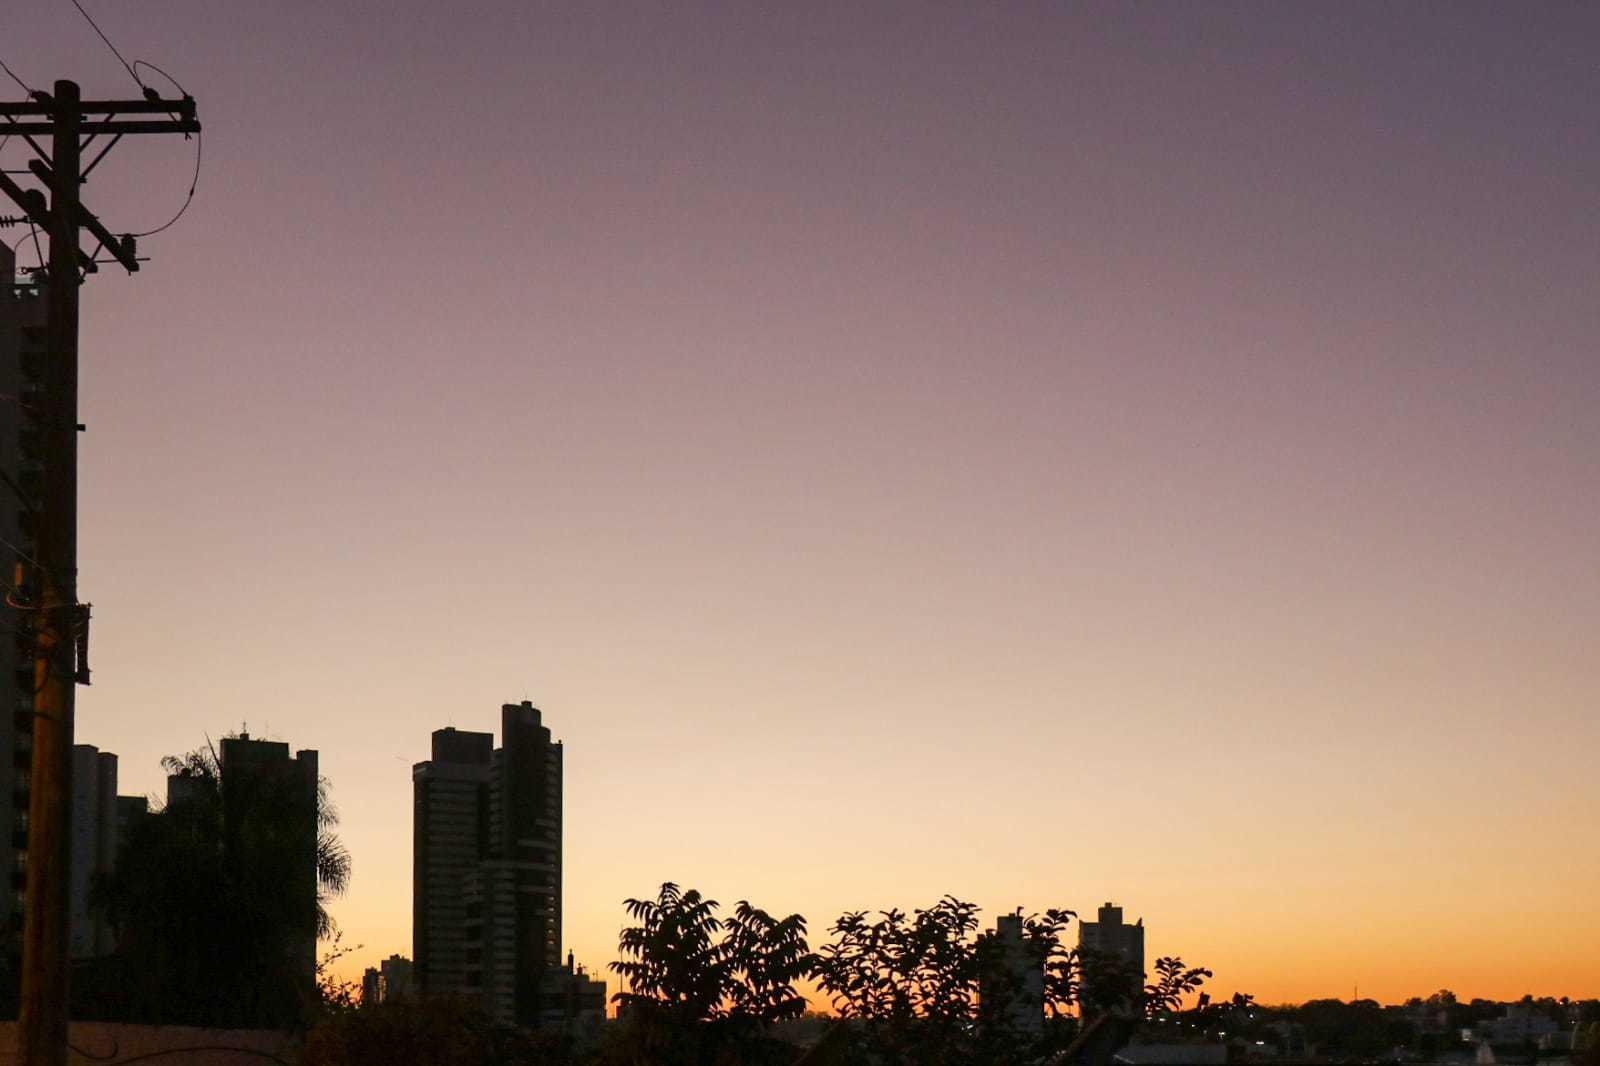 Vista do sol nascendo na região do Santa Fé, em Campo Grande (Foto: Henrique Kawaminami)